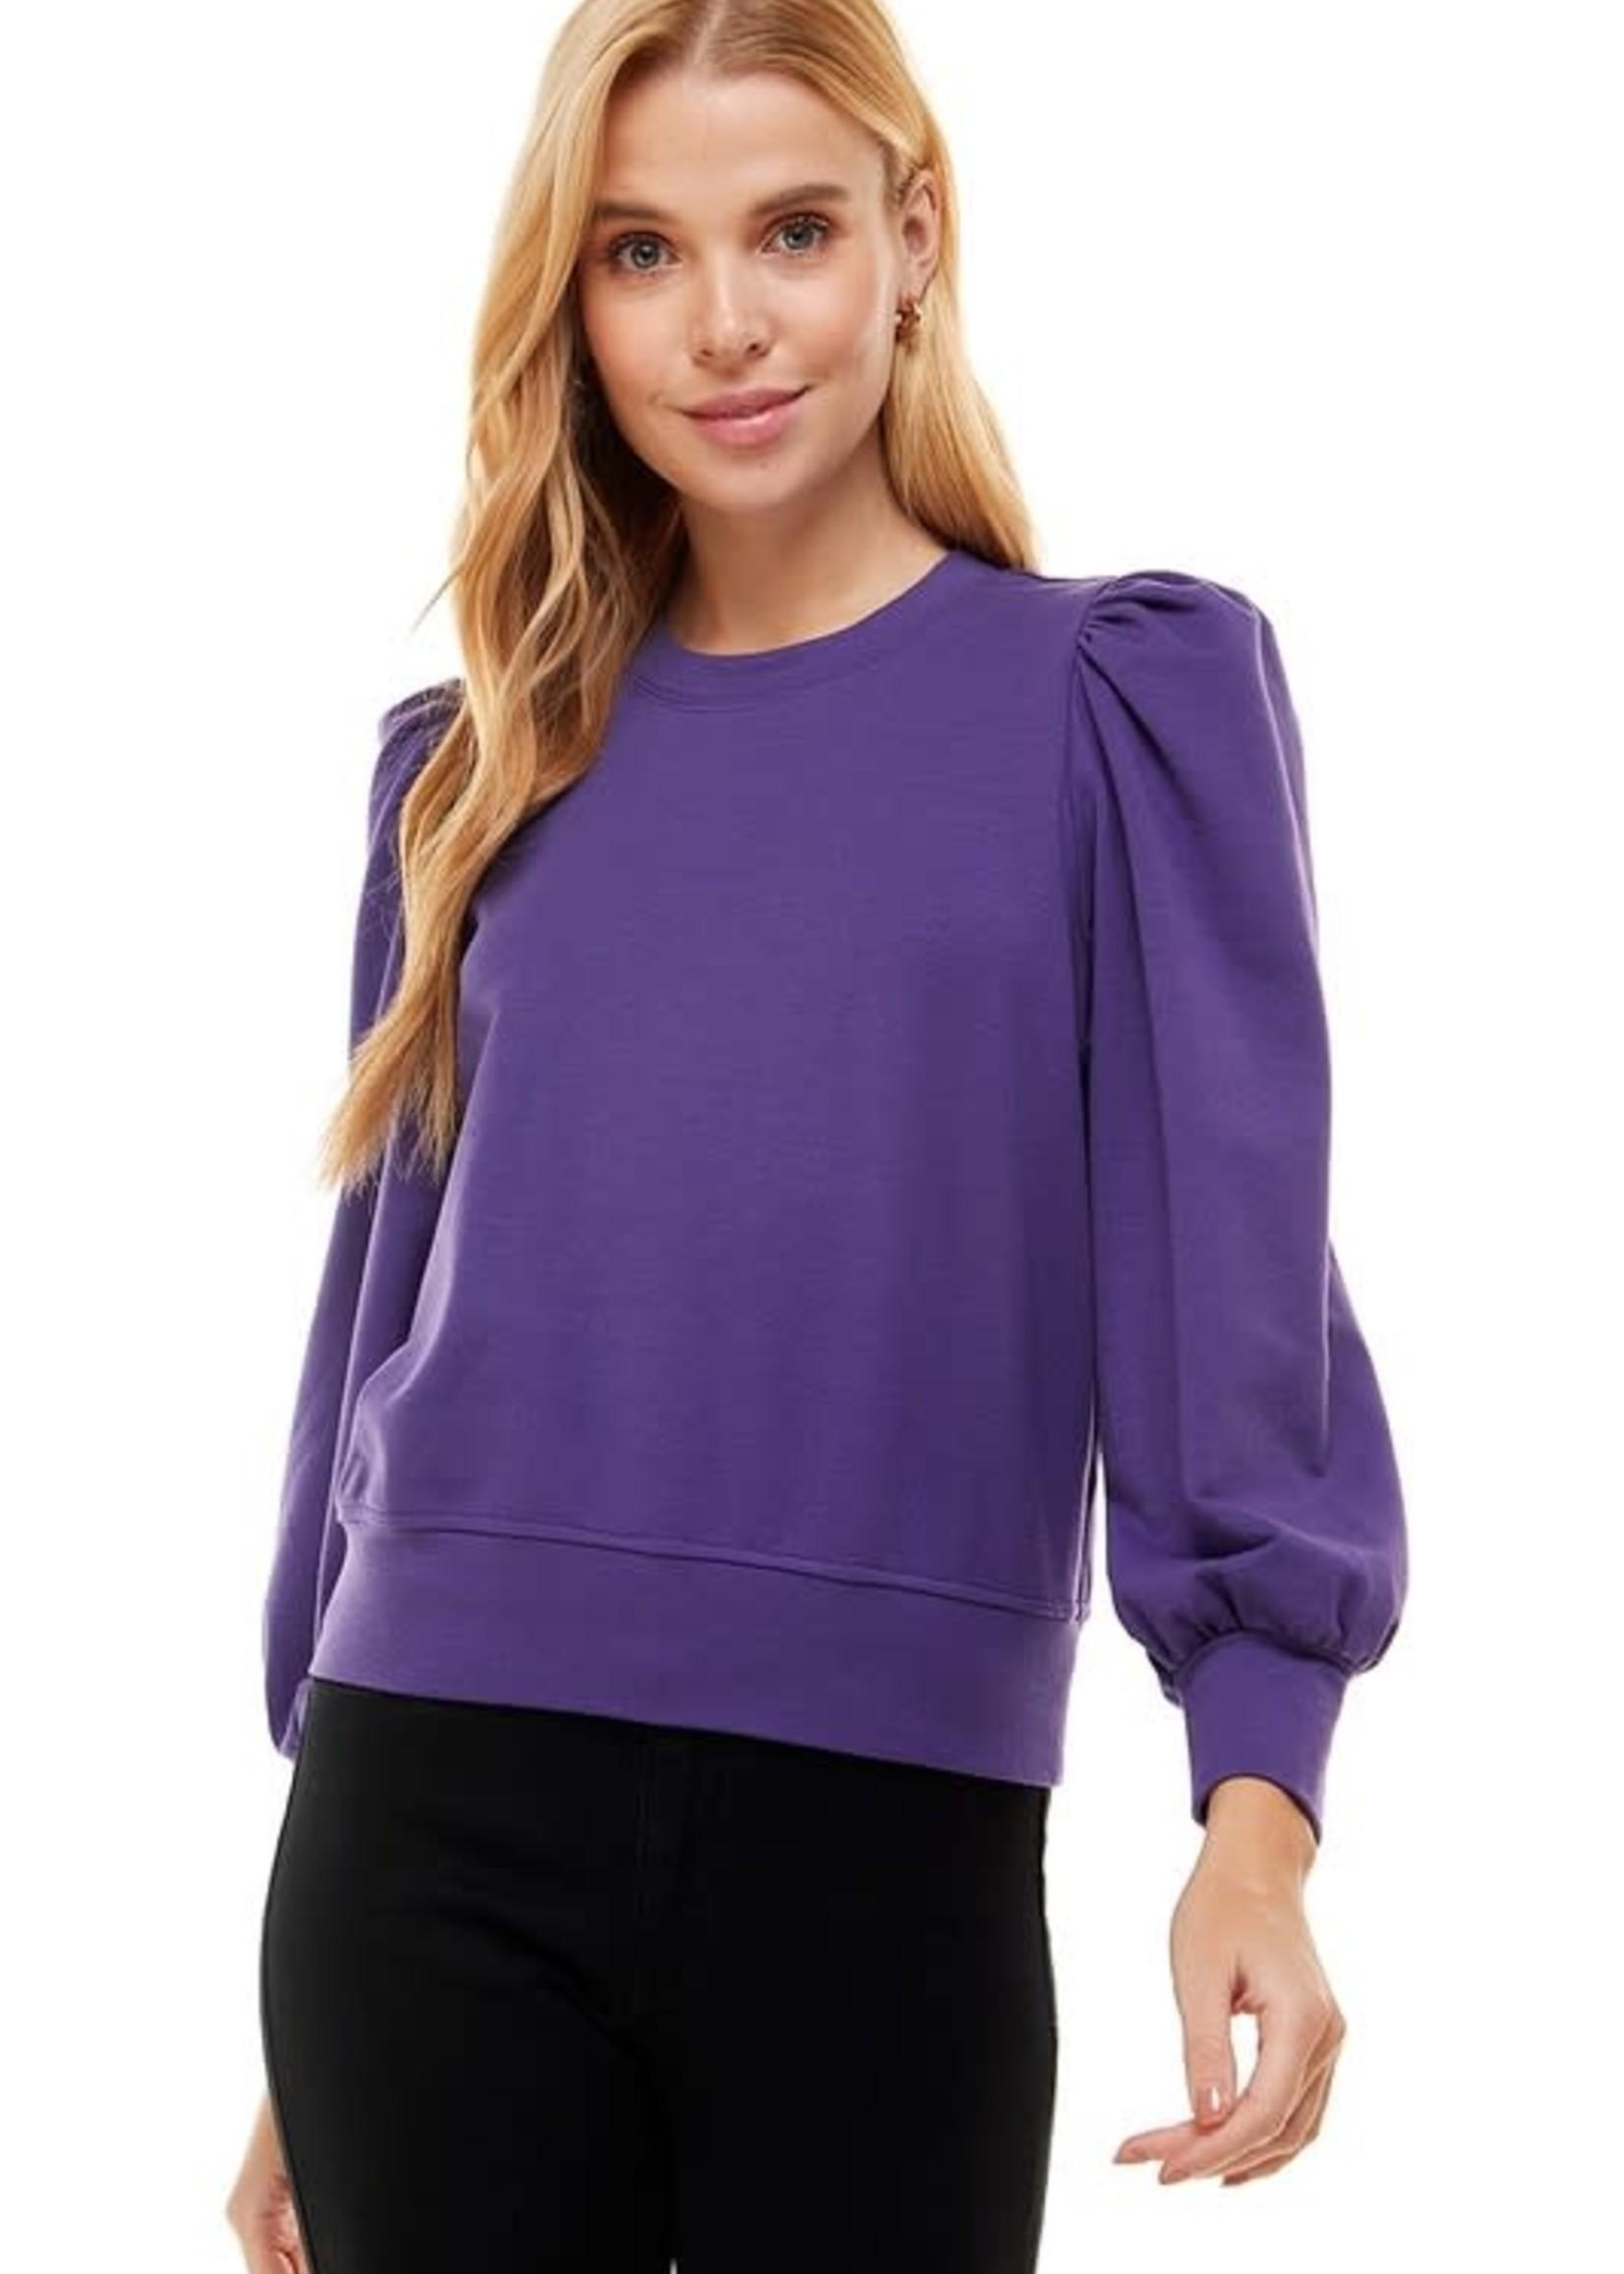 Game On Sweatshirt (2 colors)